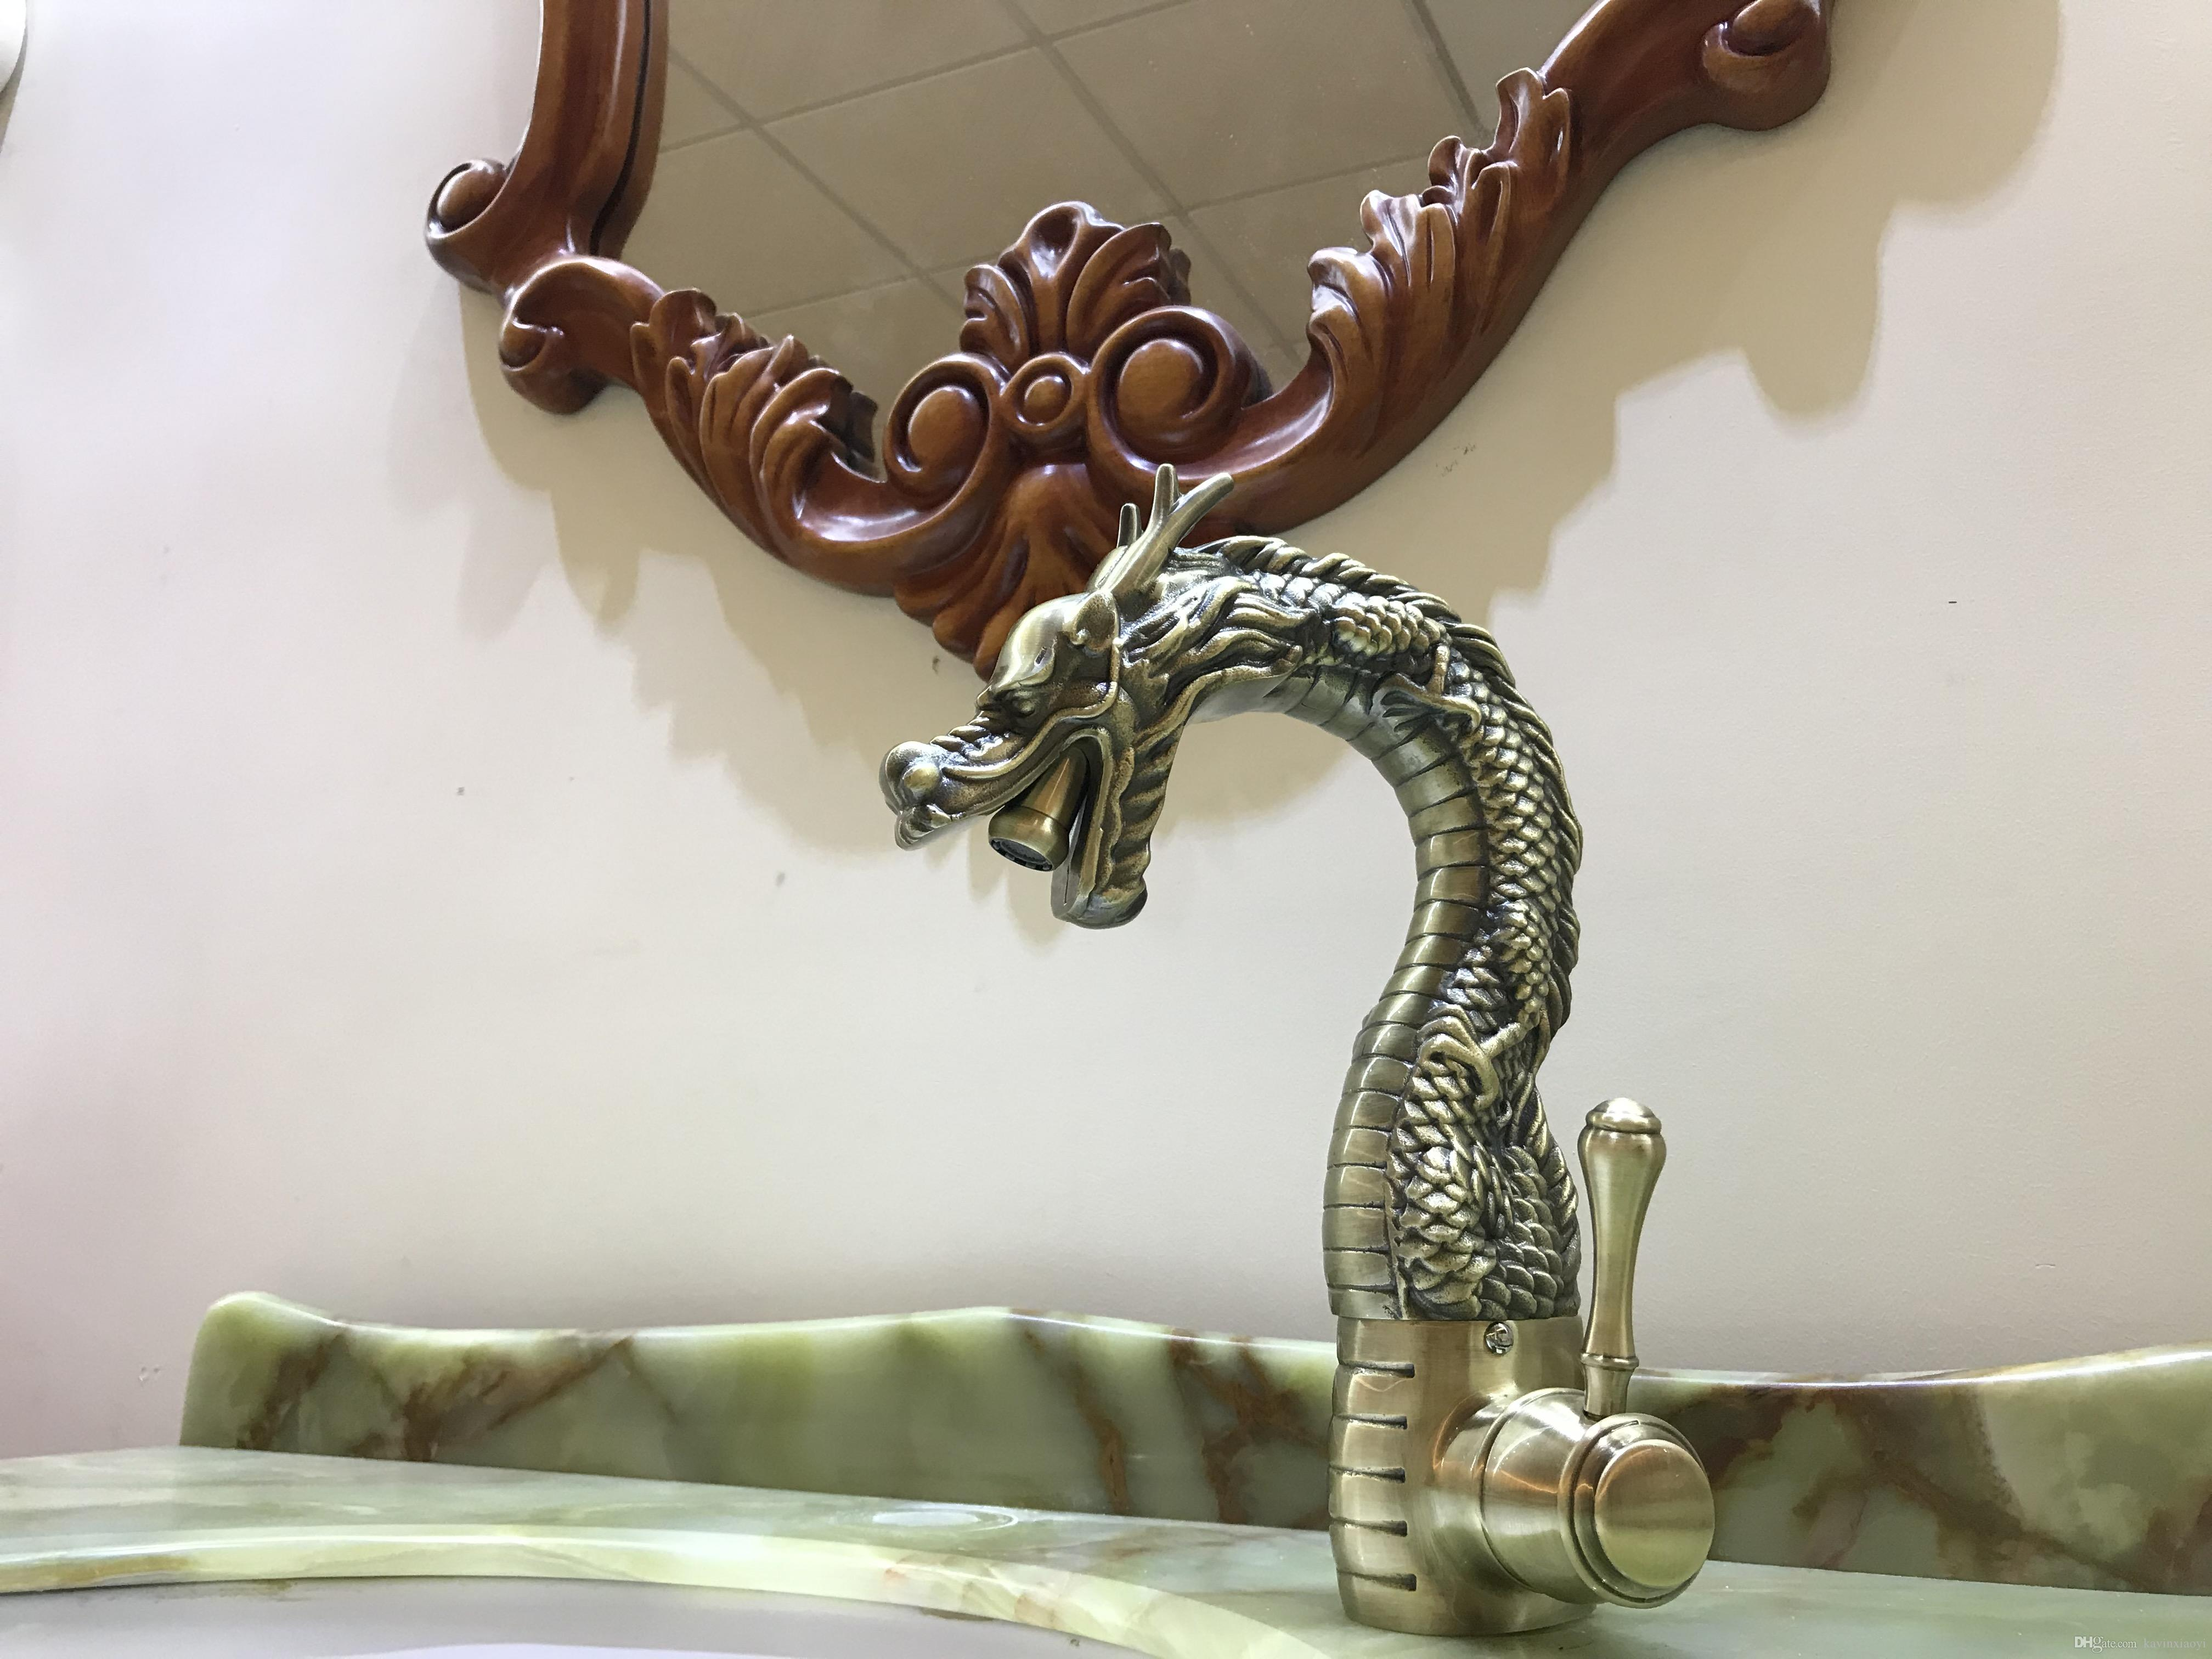 Antike Messing Einlochmontage / Griff Bad Toilette Waschbecken Drachen Mischbatterie Deck montiert Luxus Wasserhahn